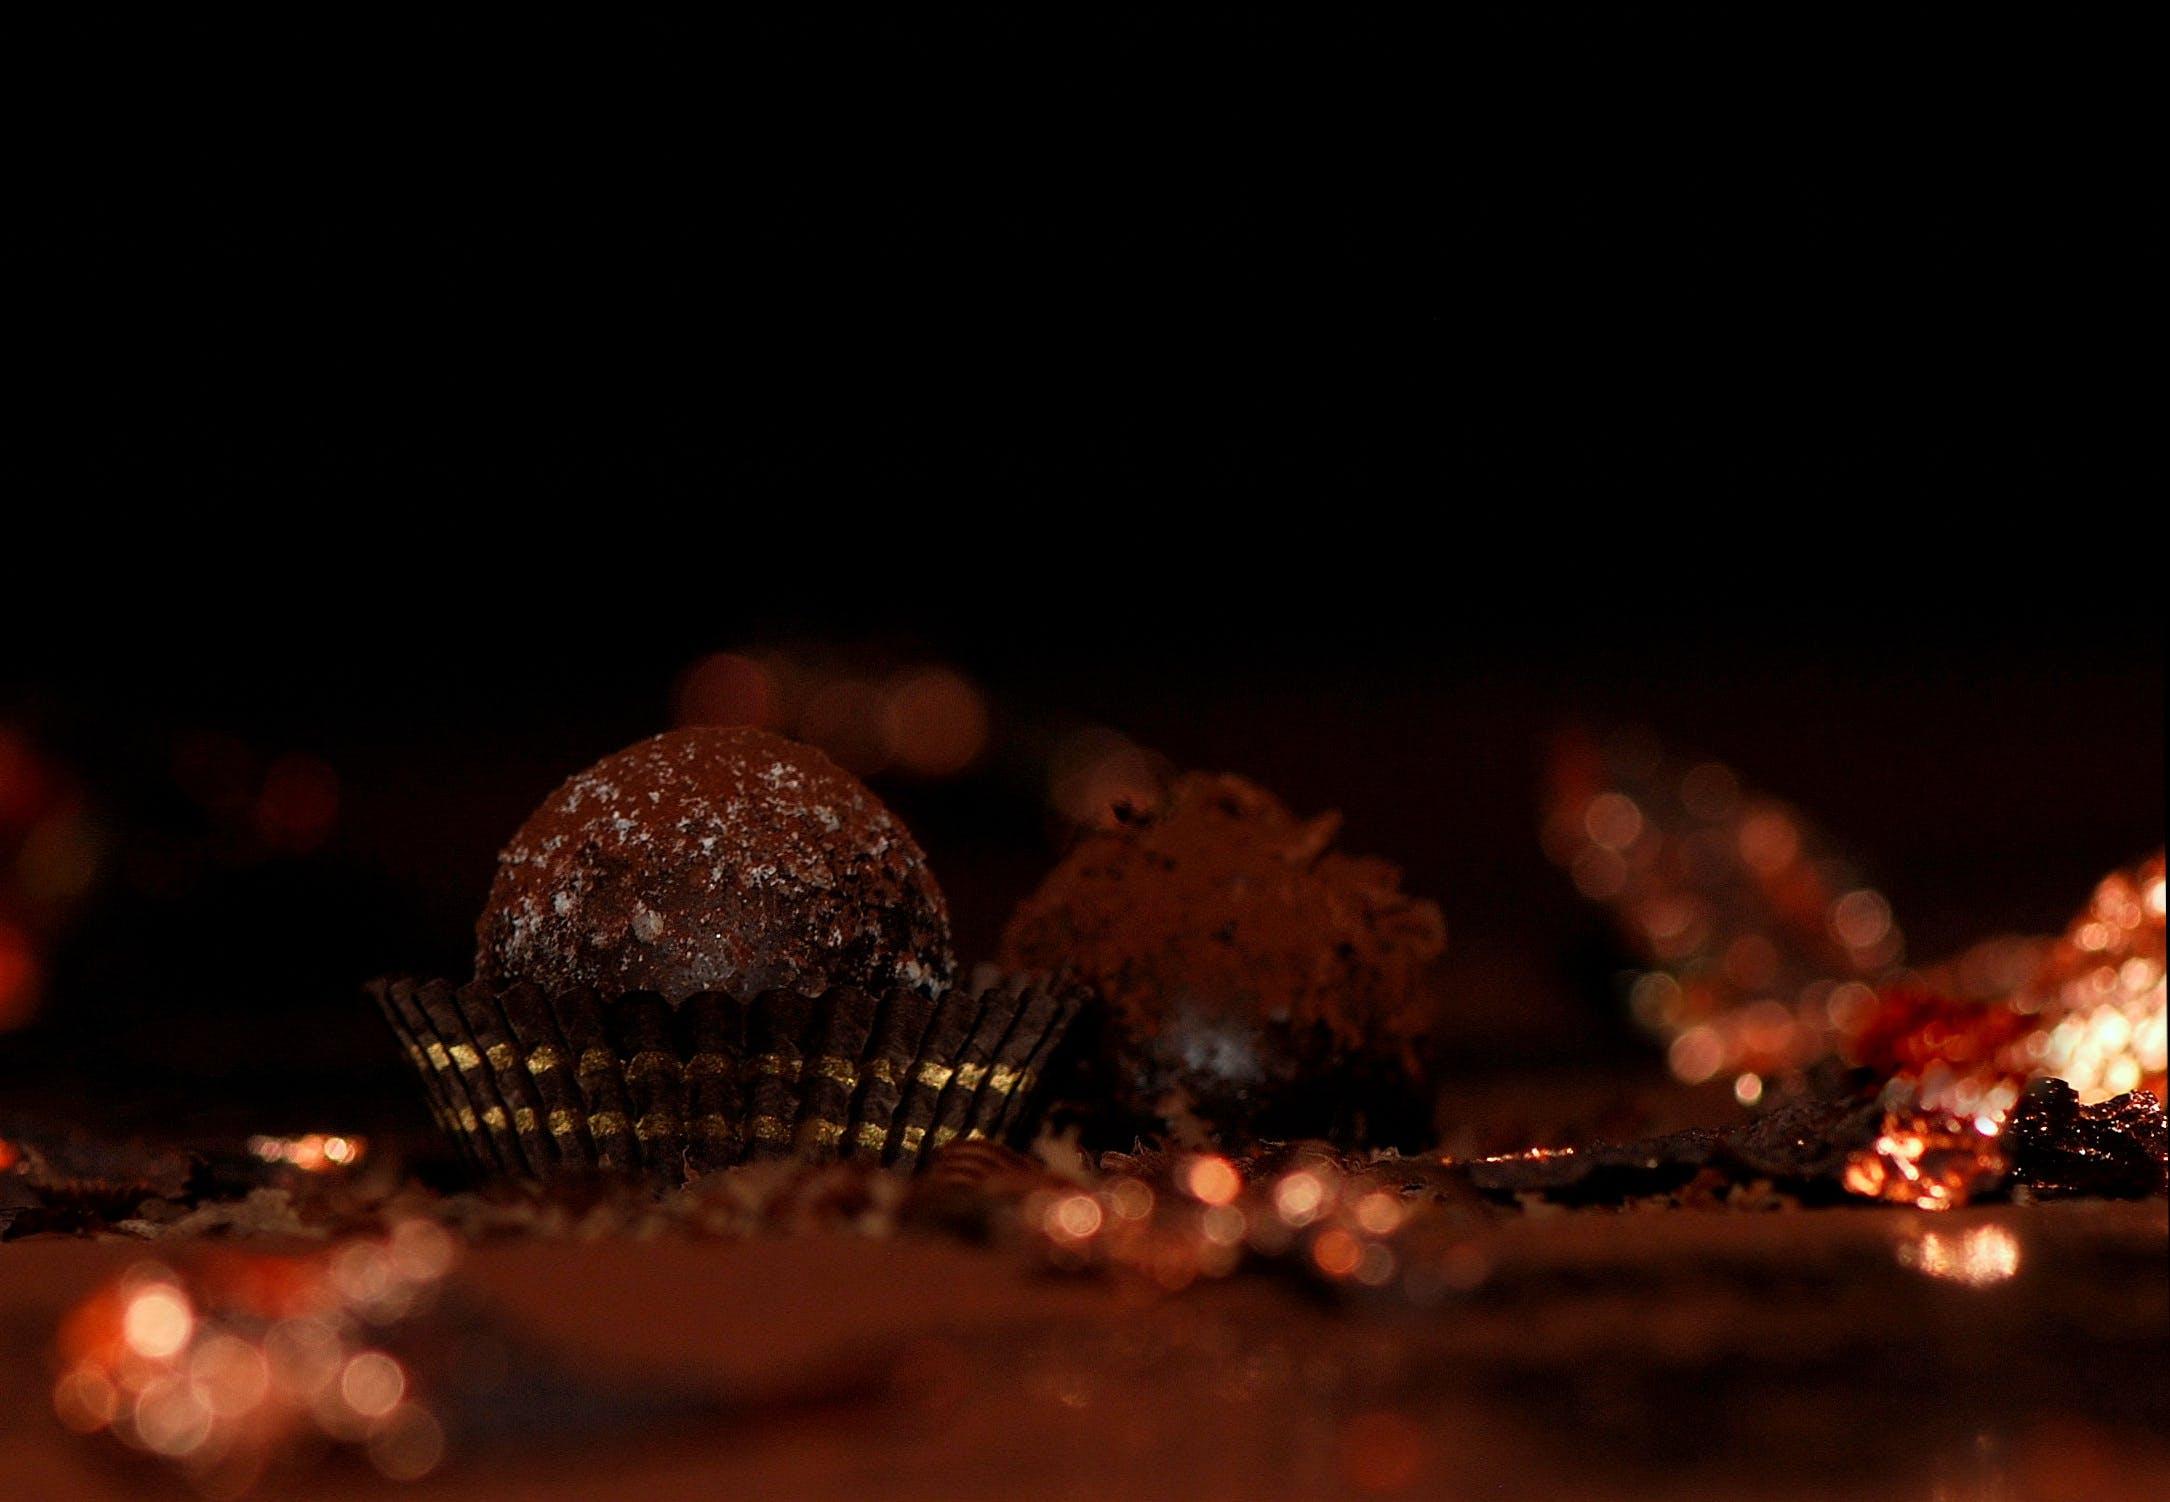 Бесплатное стоковое фото с еда, какао, сладости, шоколадные конфеты